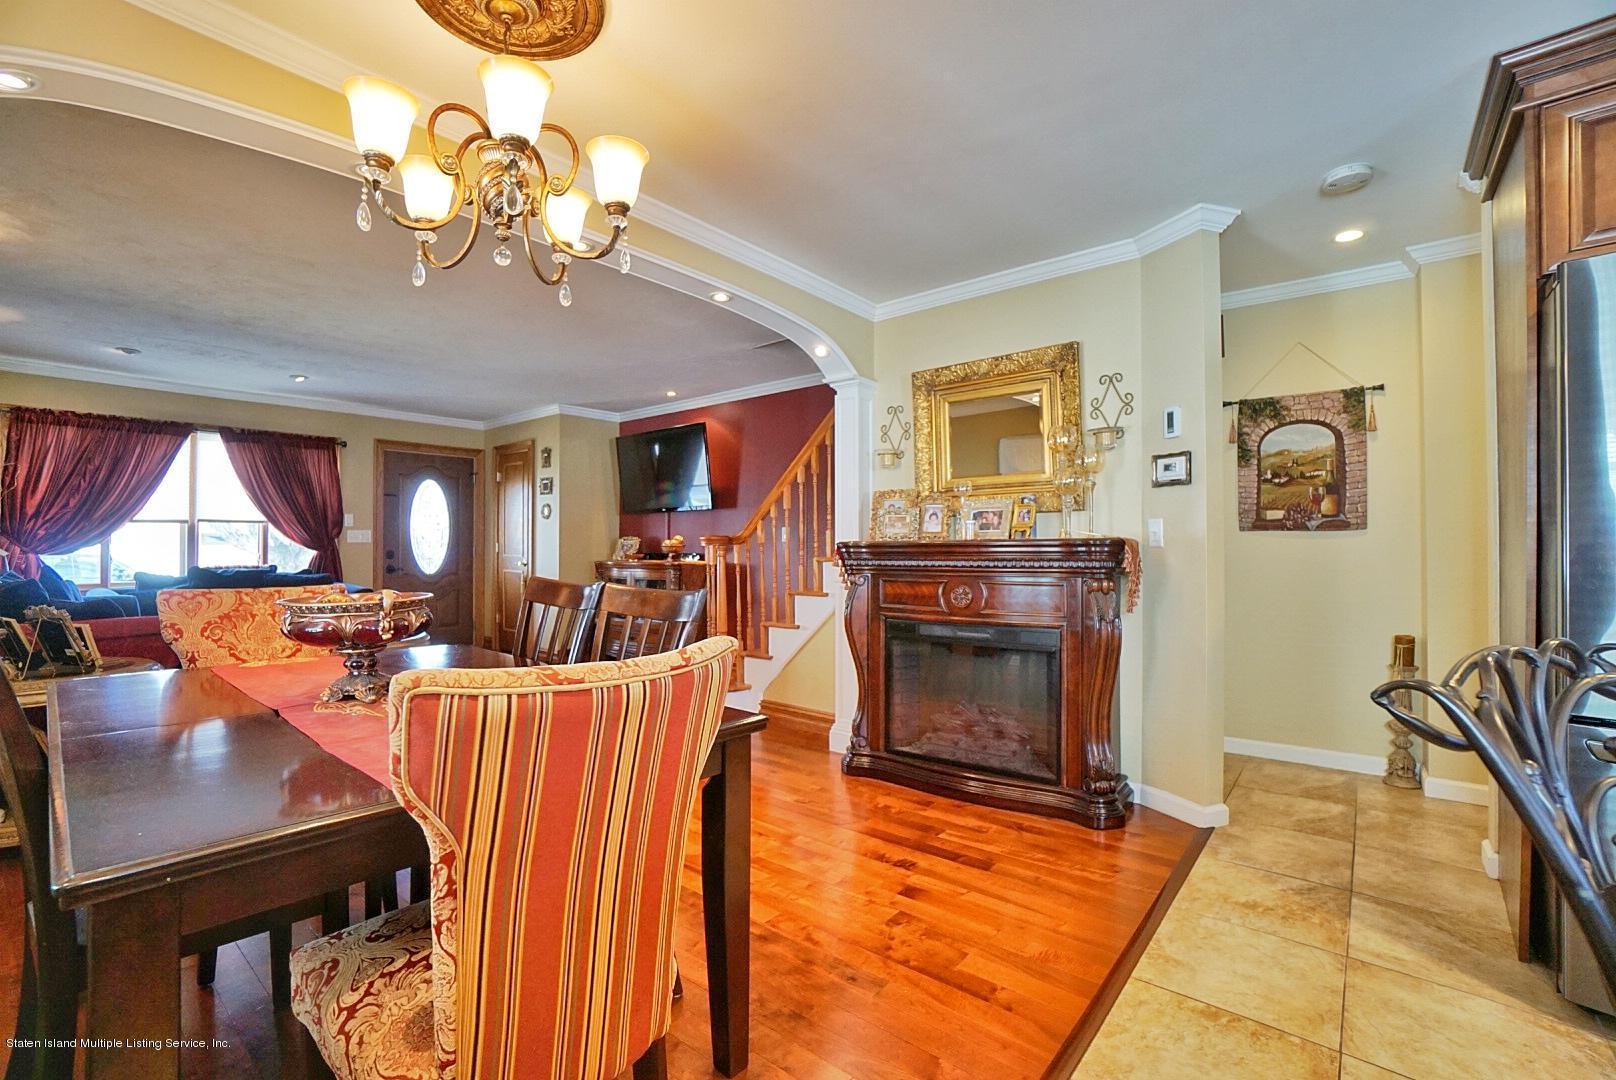 Single Family - Semi-Attached 366 Fairbanks Avenue  Staten Island, NY 10306, MLS-1127458-12